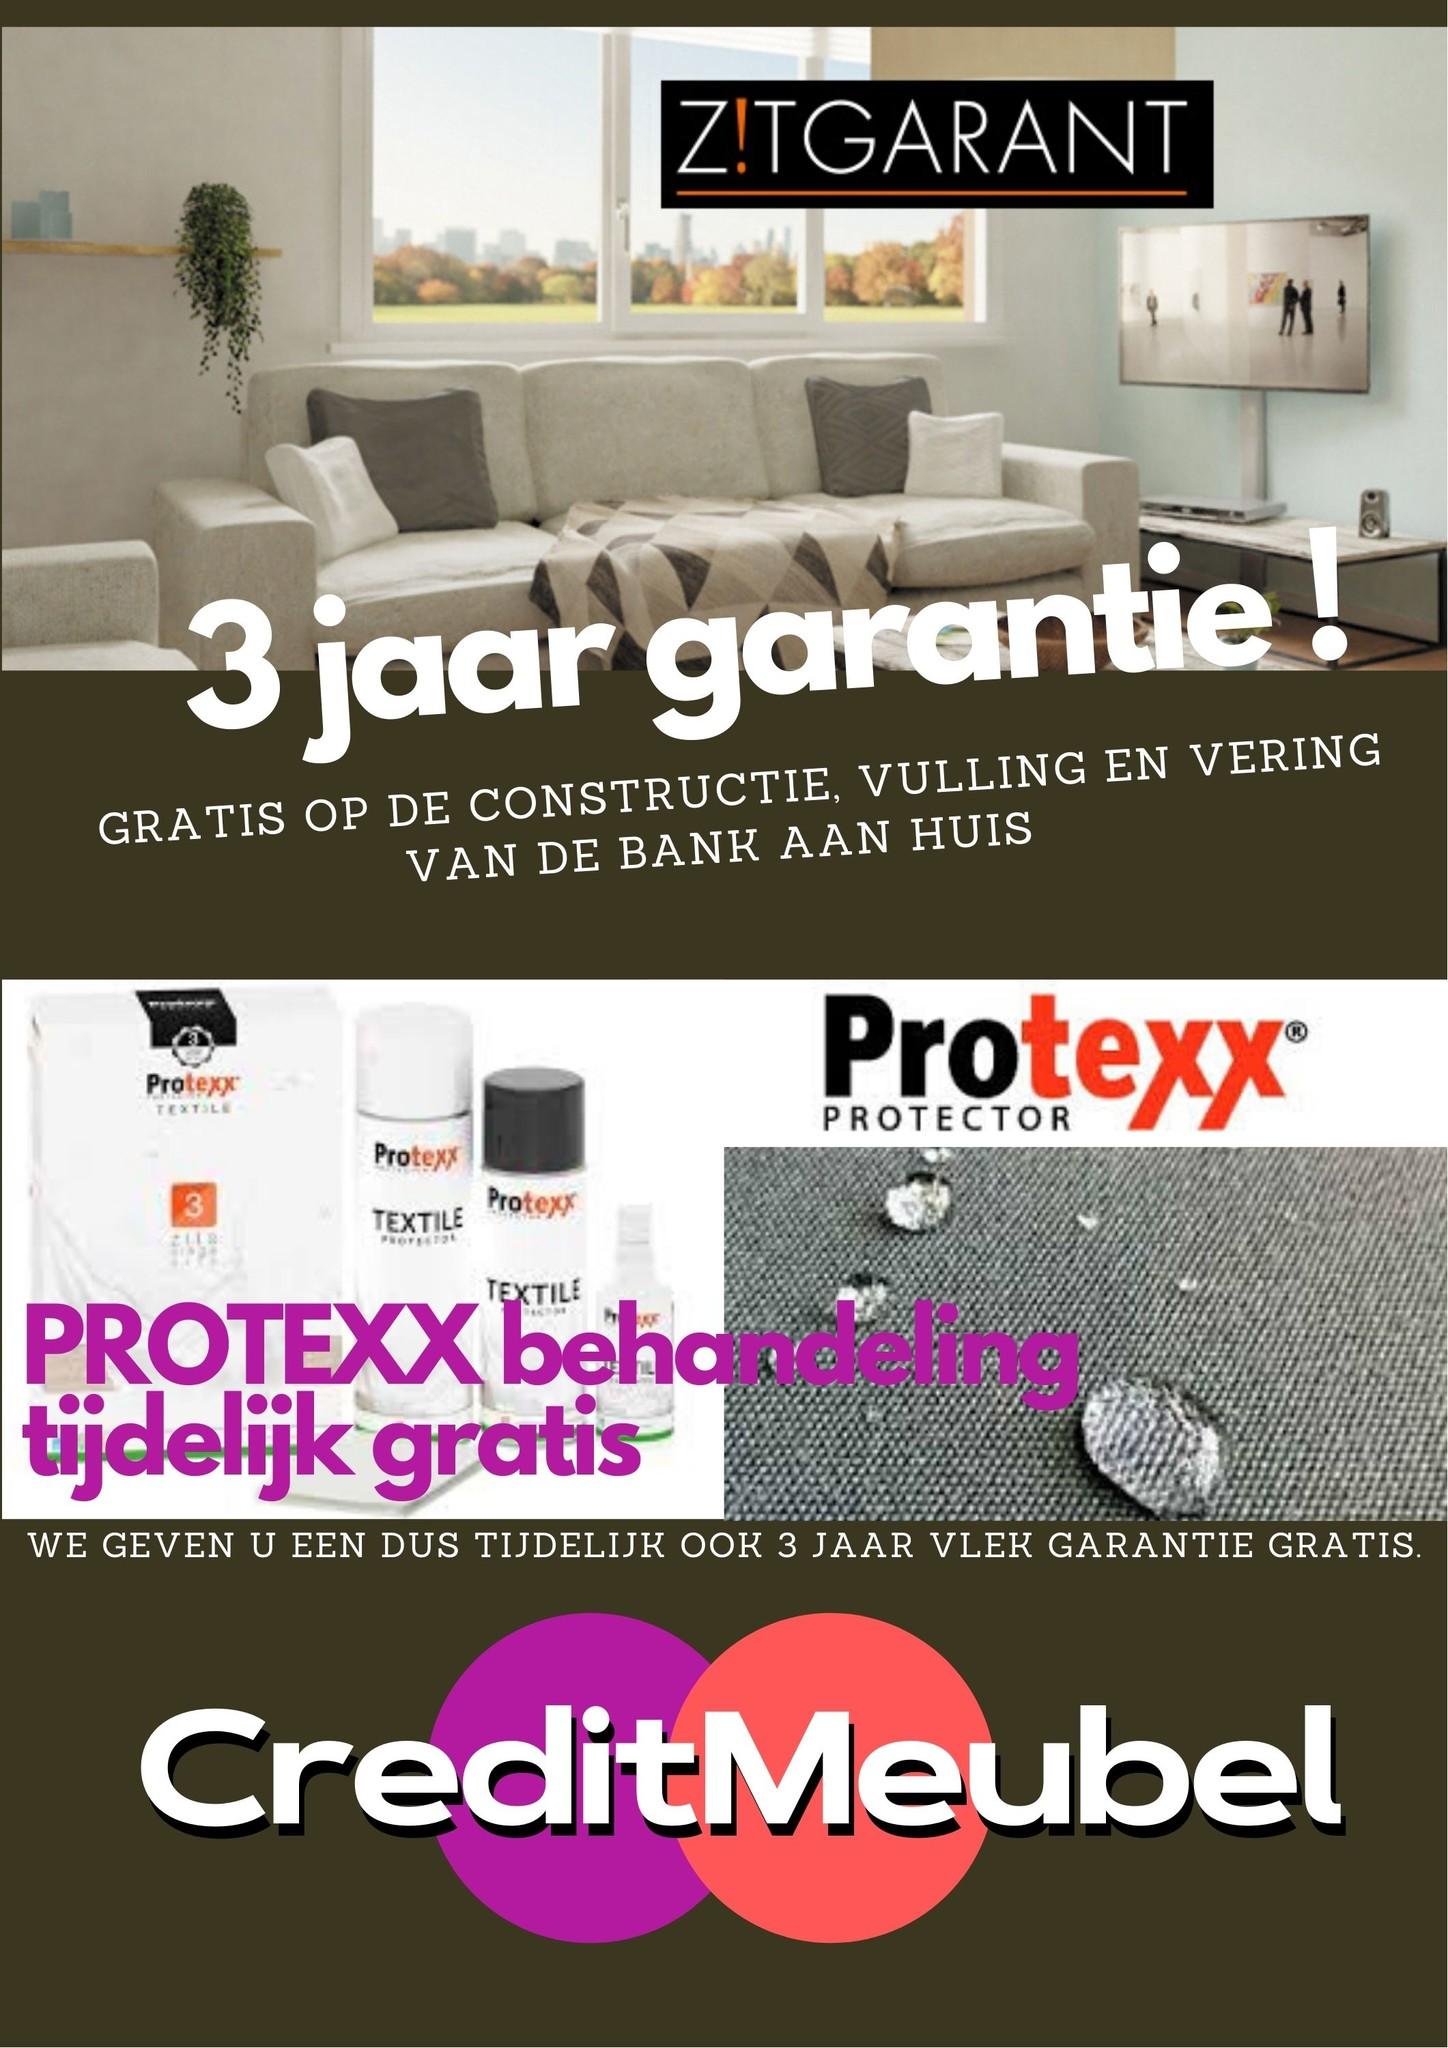 Garantie met protexx